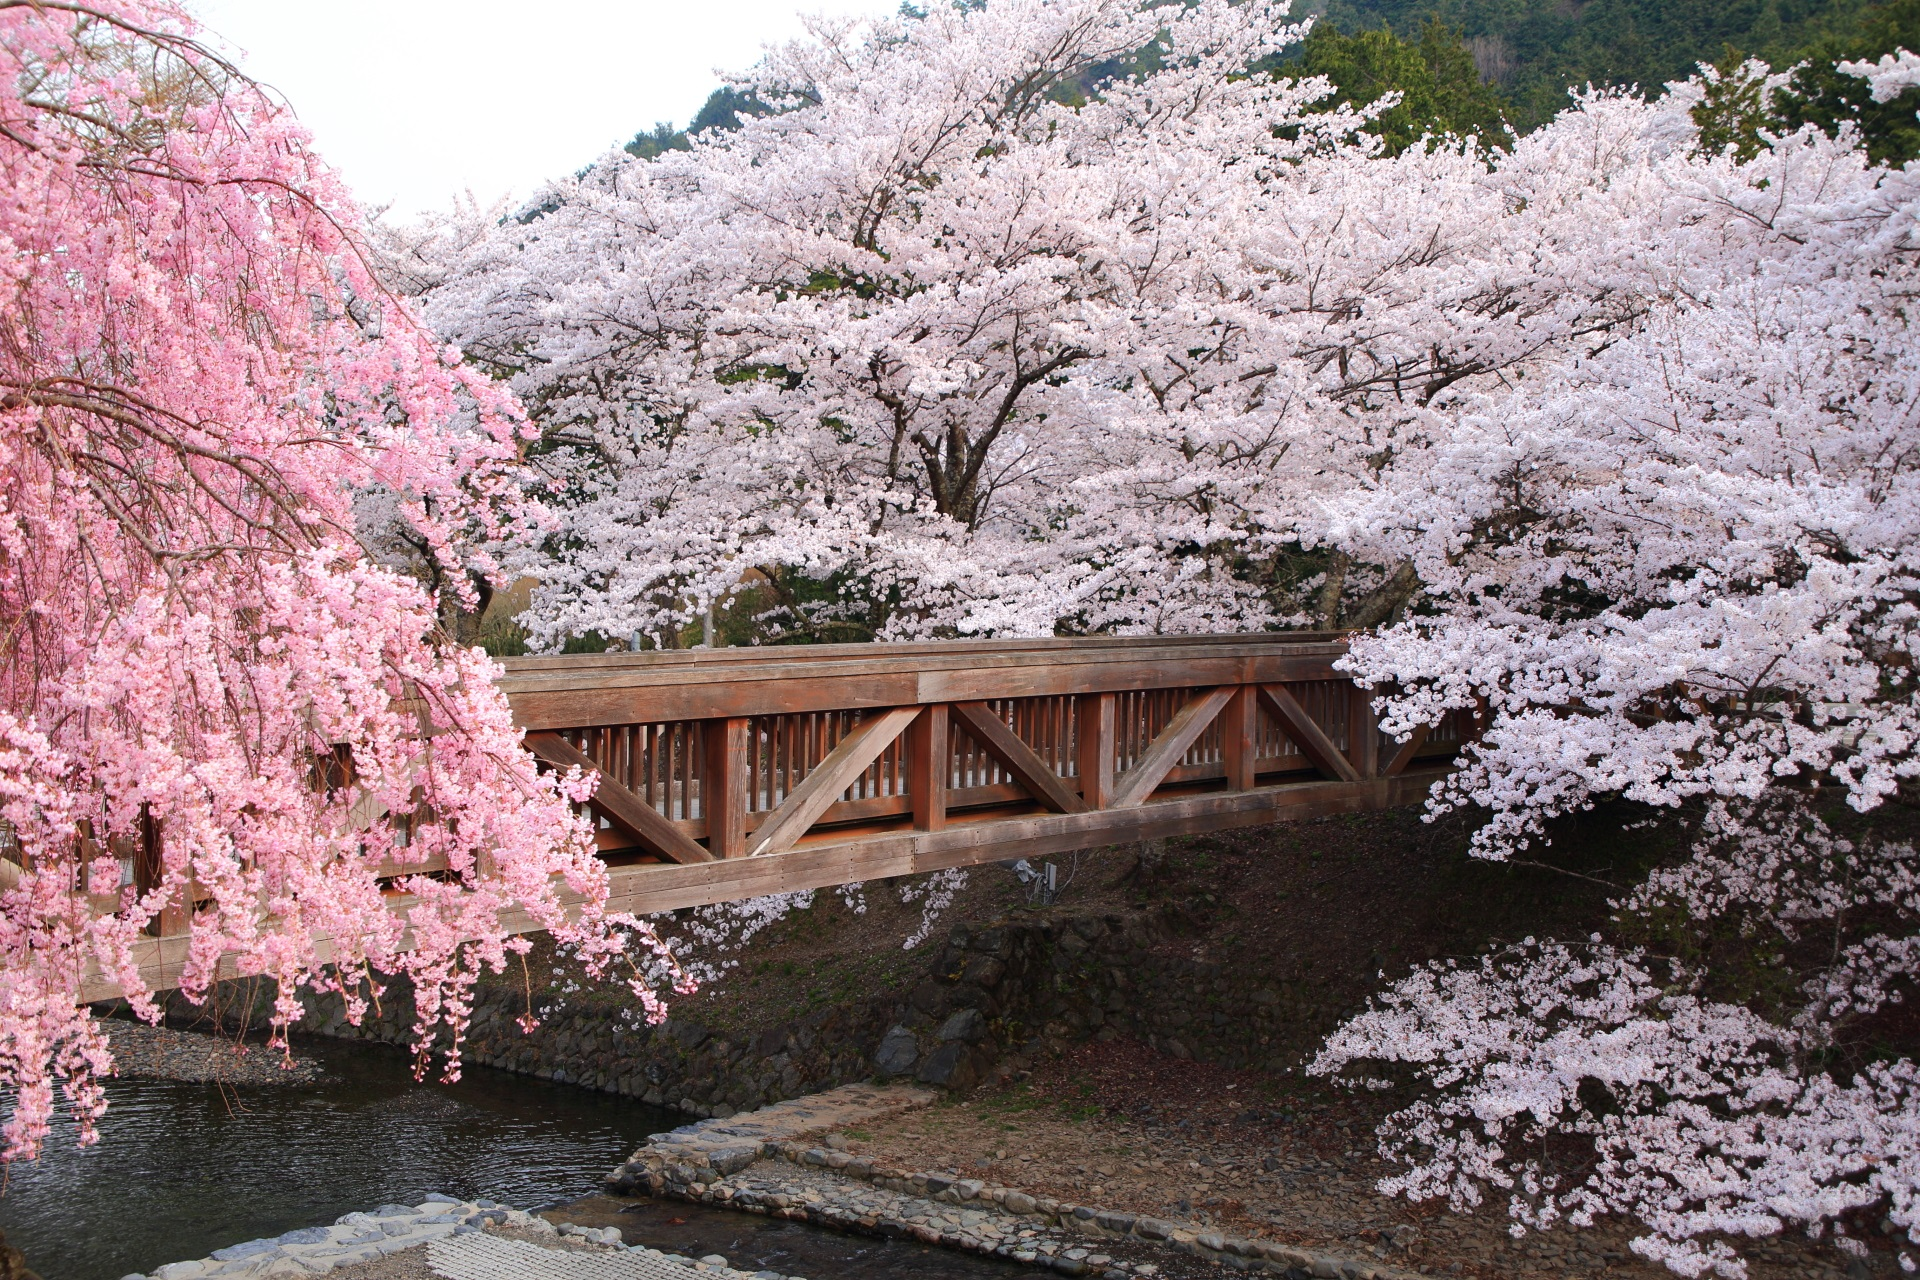 七谷川の風情ある桜の光景